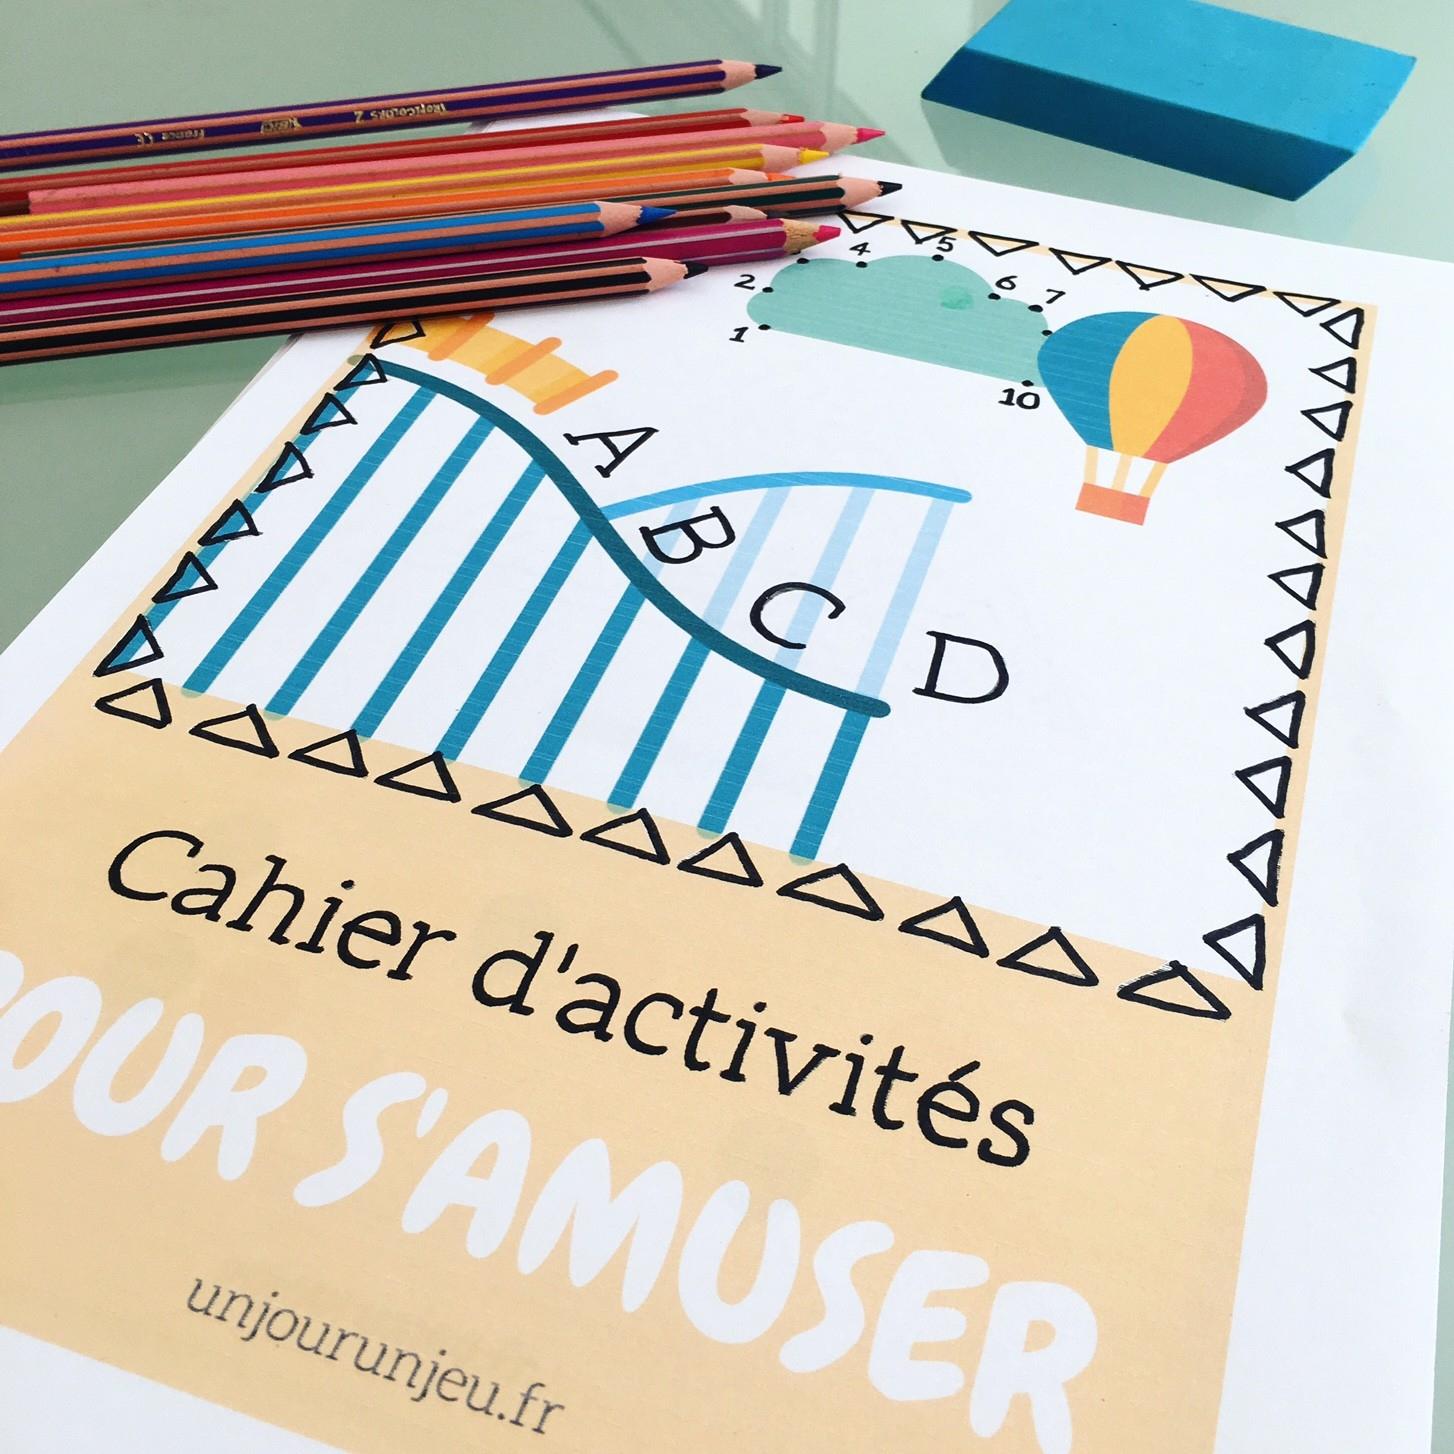 Cahier D'activités Enfants Pour Les Vacances À Imprimer dedans Cahier De Vacances Gratuit En Ligne